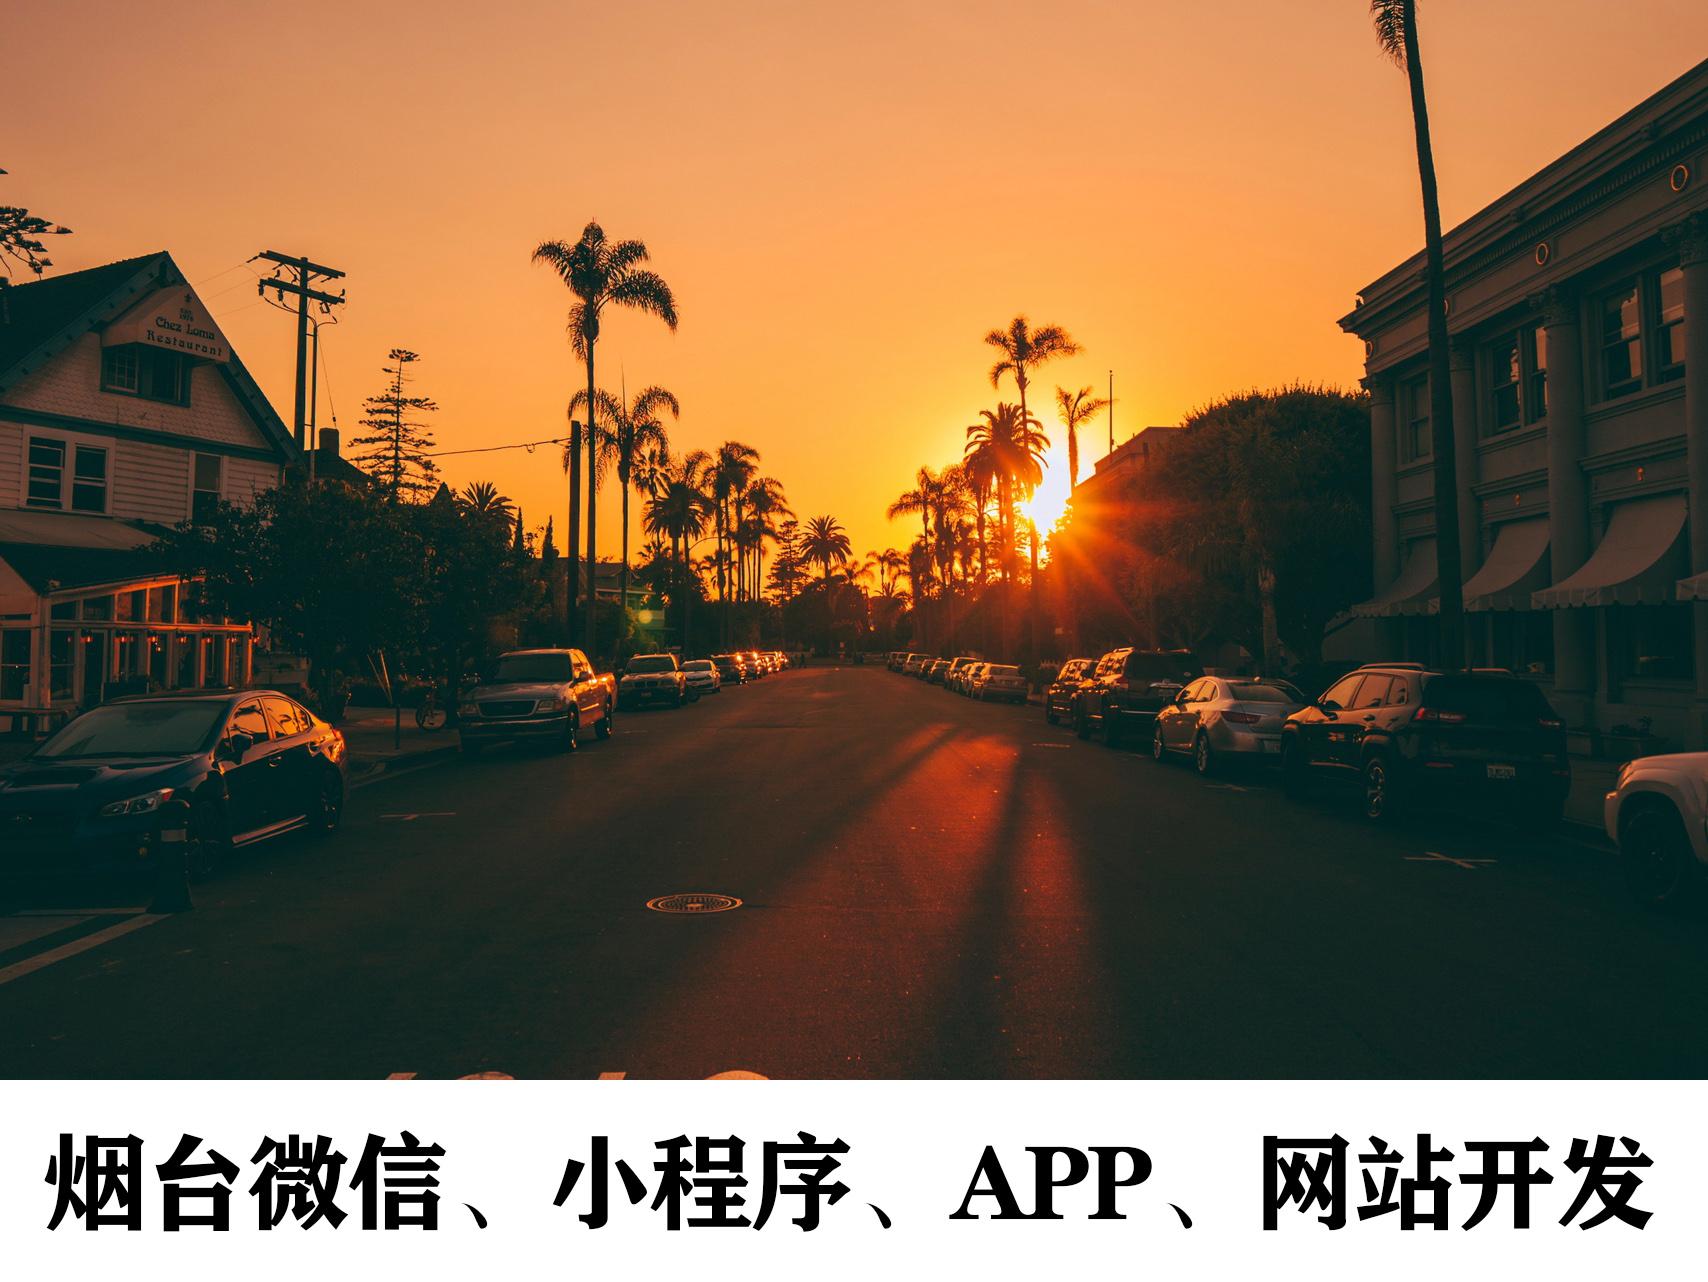 烟台APP开发:为什么手机APP会更新频率快